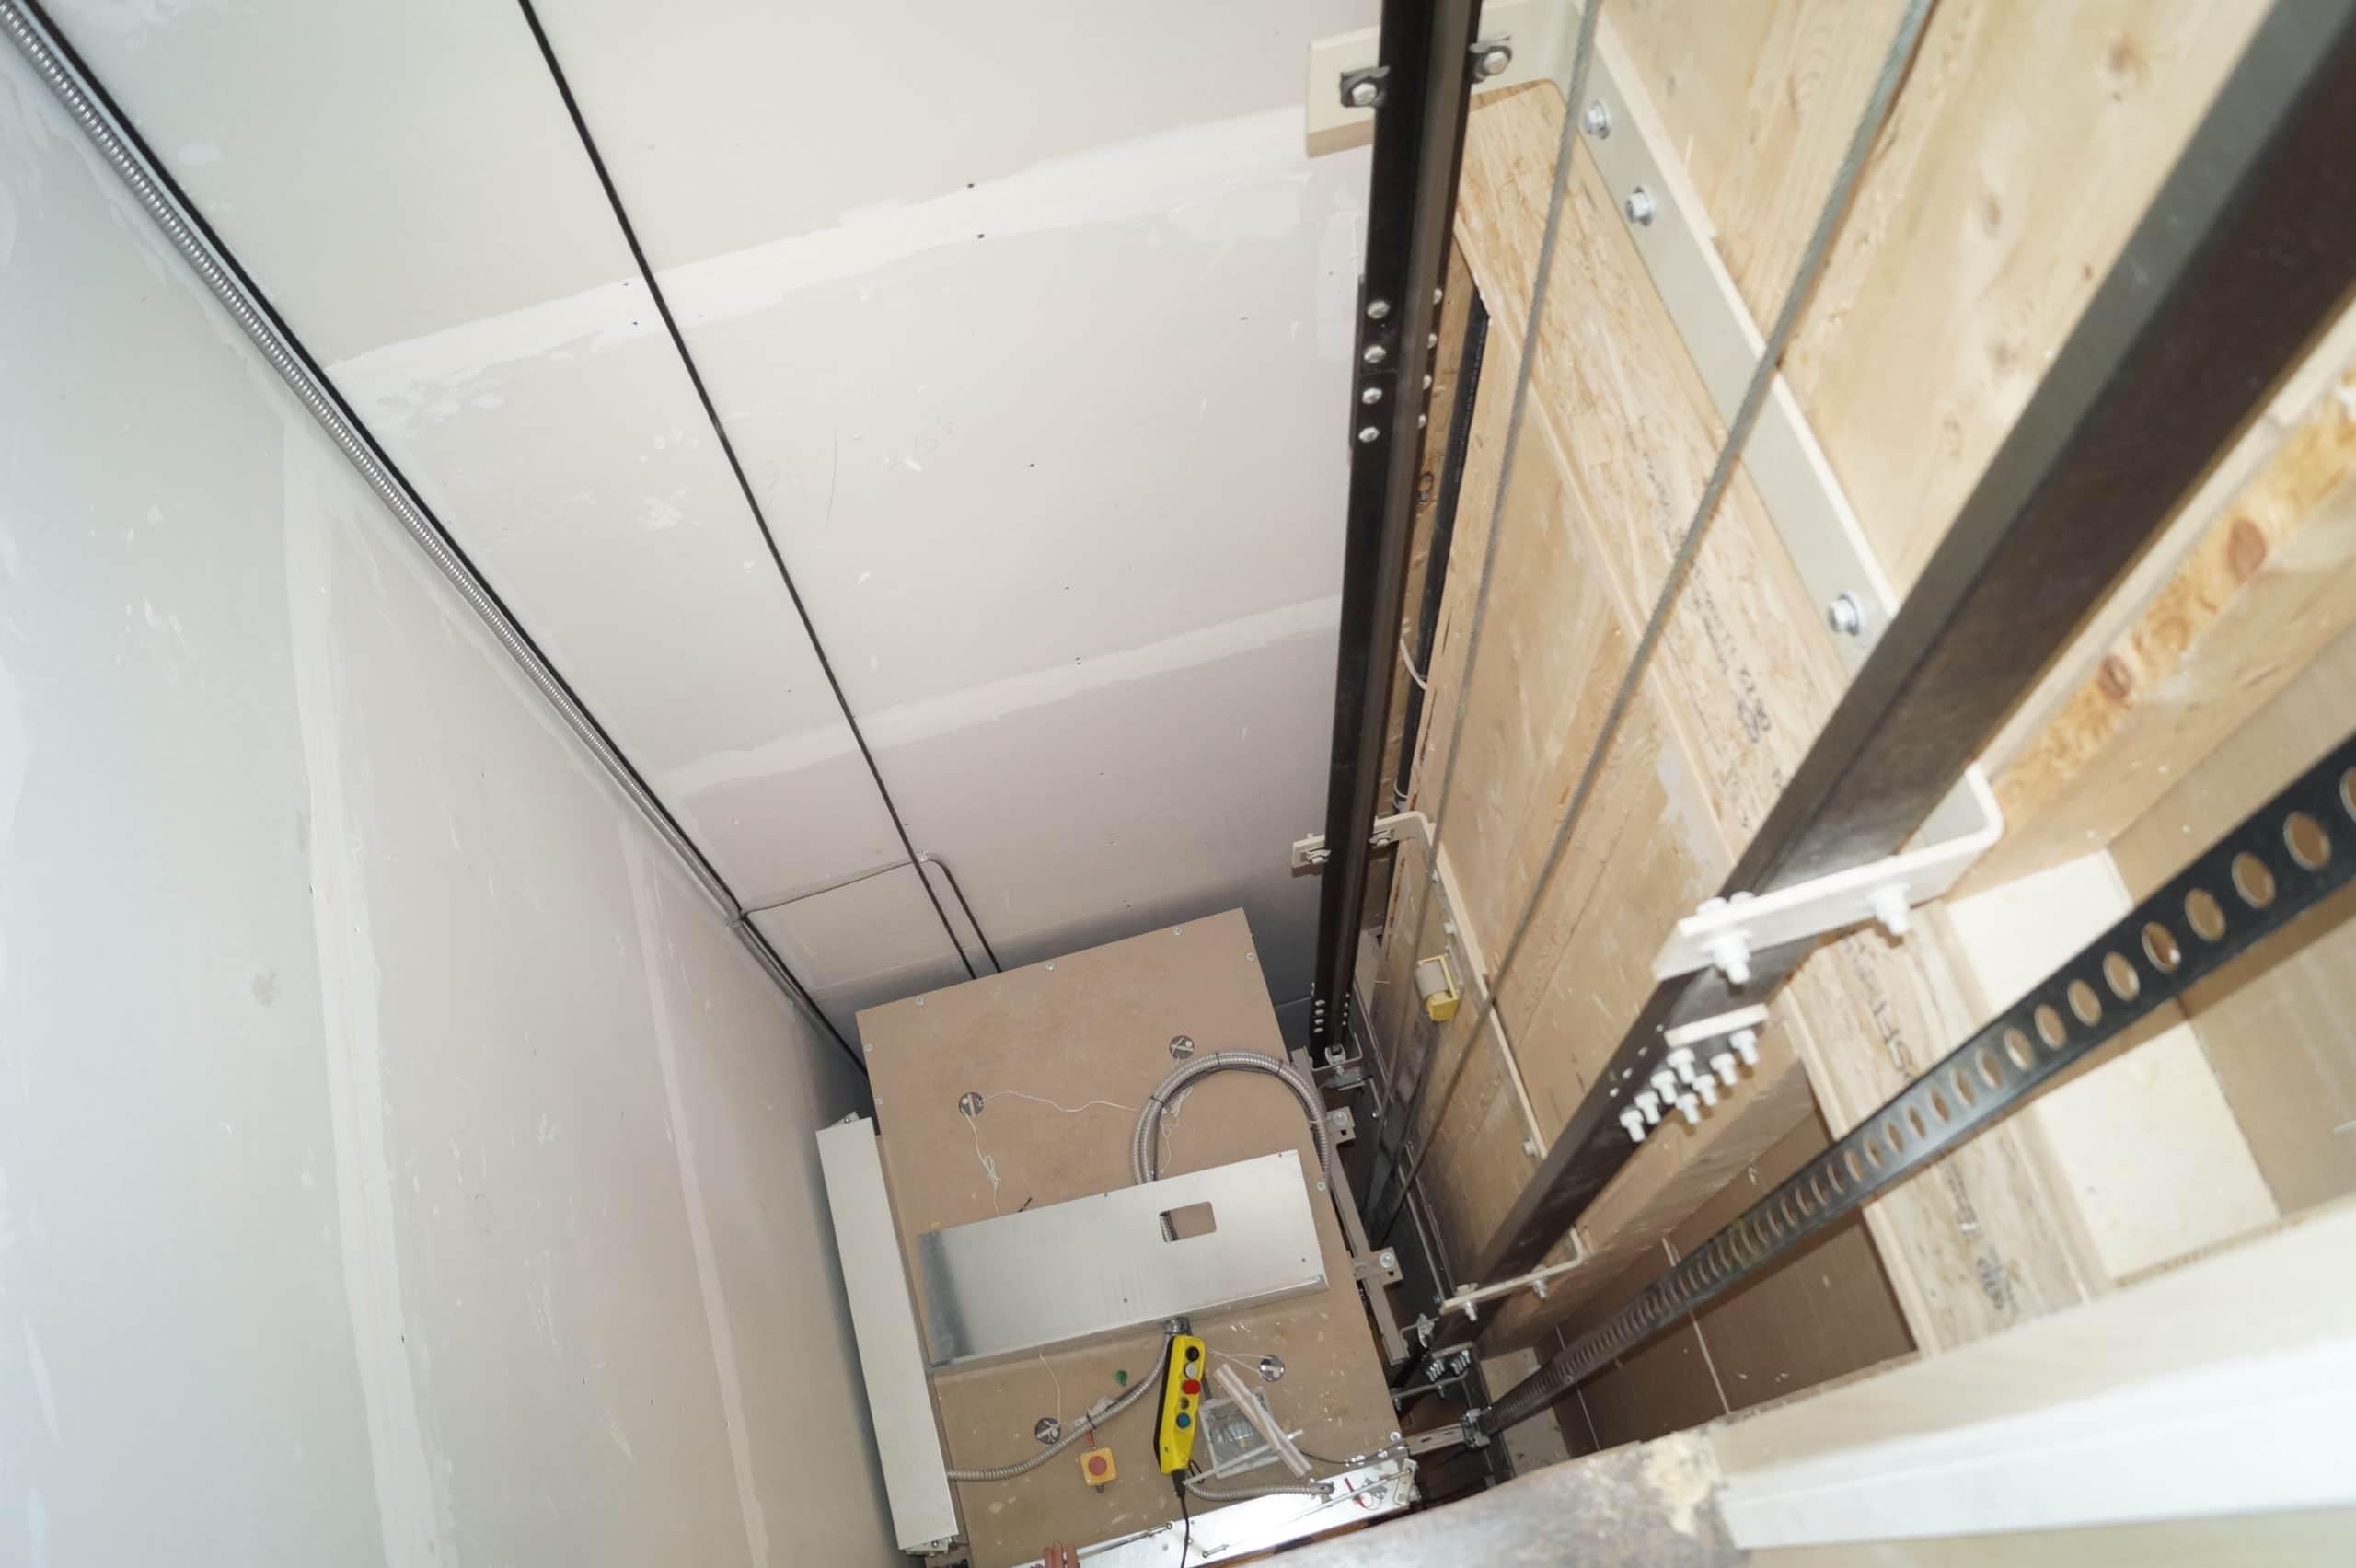 Photo showing inside of home elevator hoistway/shaft